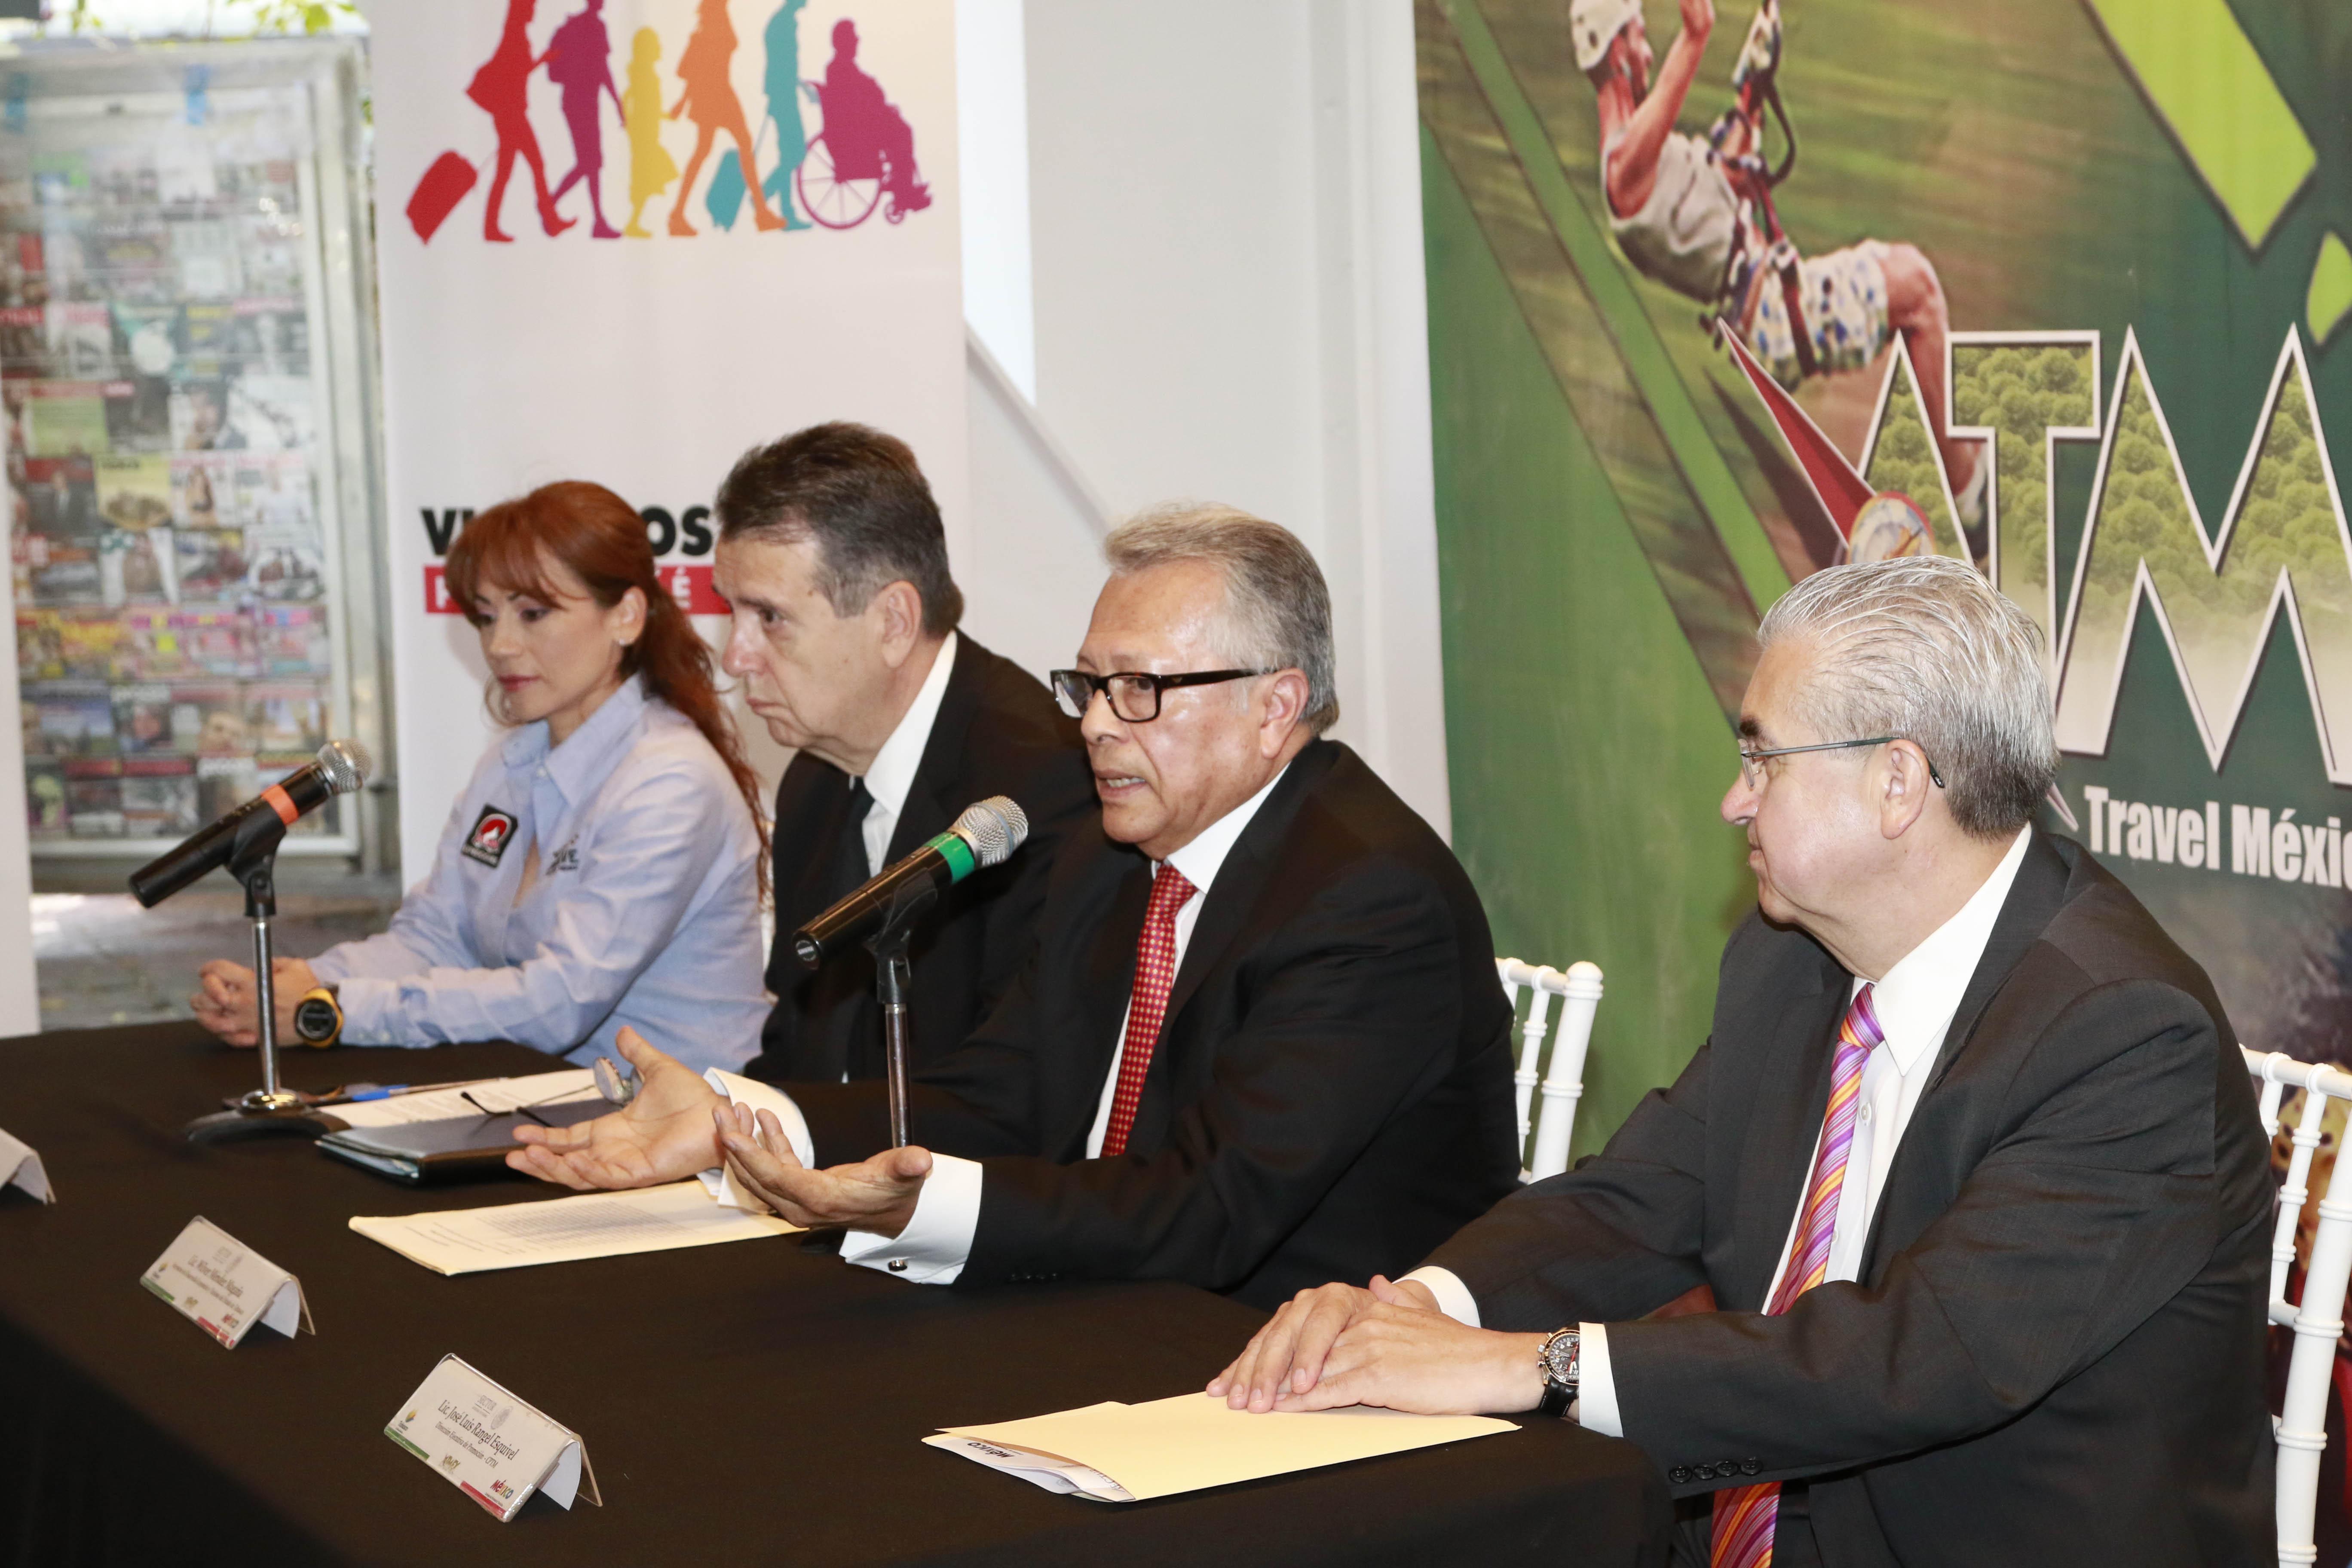 Turismo de naturaleza, un mercado global de 263 MMDD, México cuenta con gran oferta: Sectur